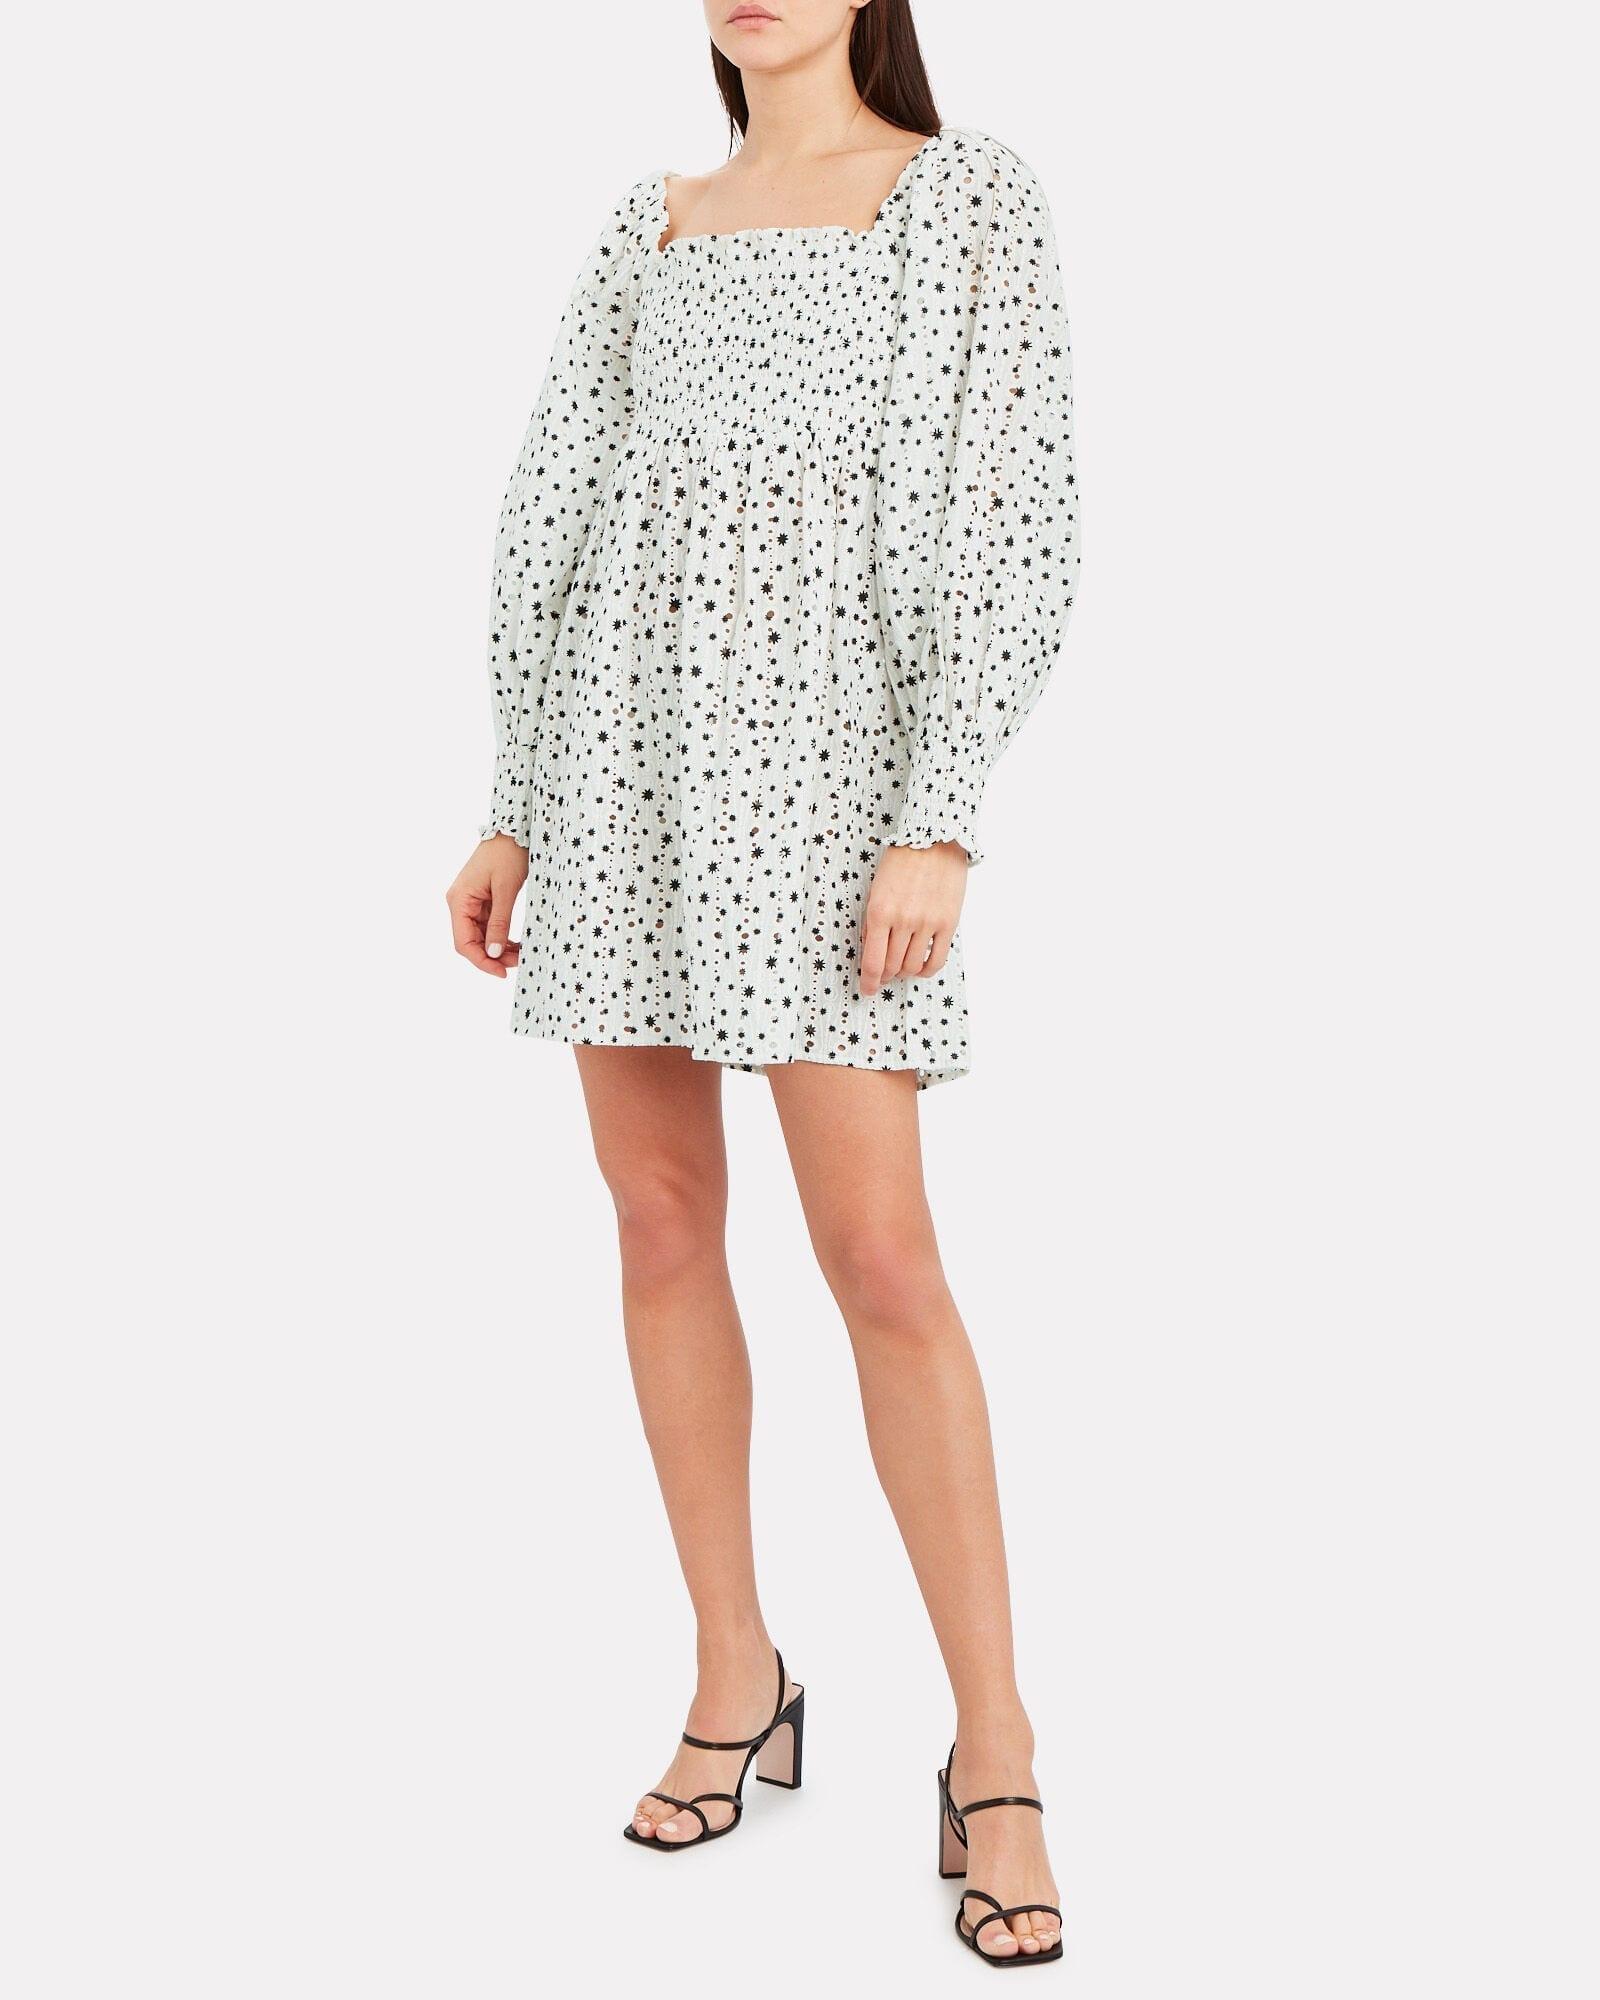 RIXO Bethany Eyelet Mini Dress